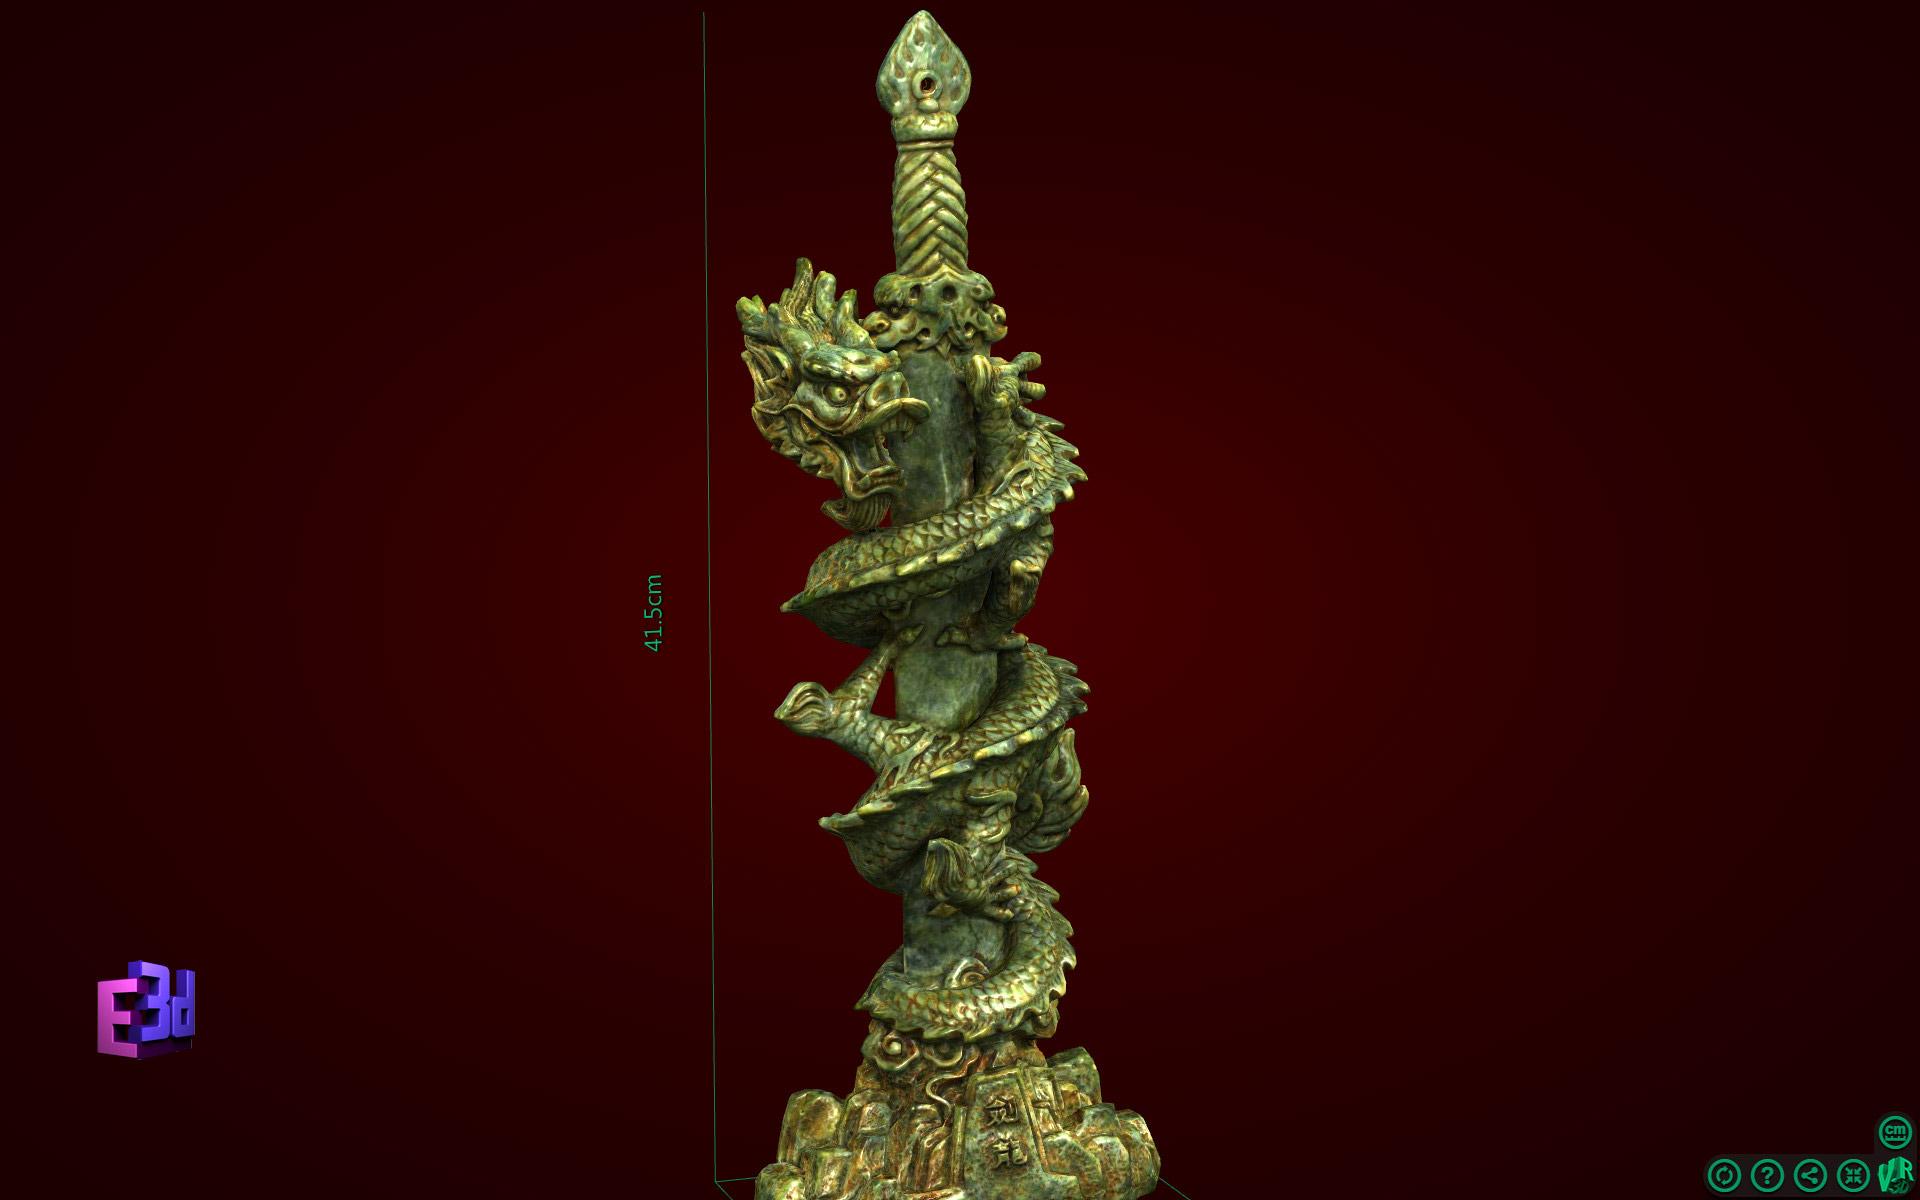 Kiếm rồng - Tượng phong thủy